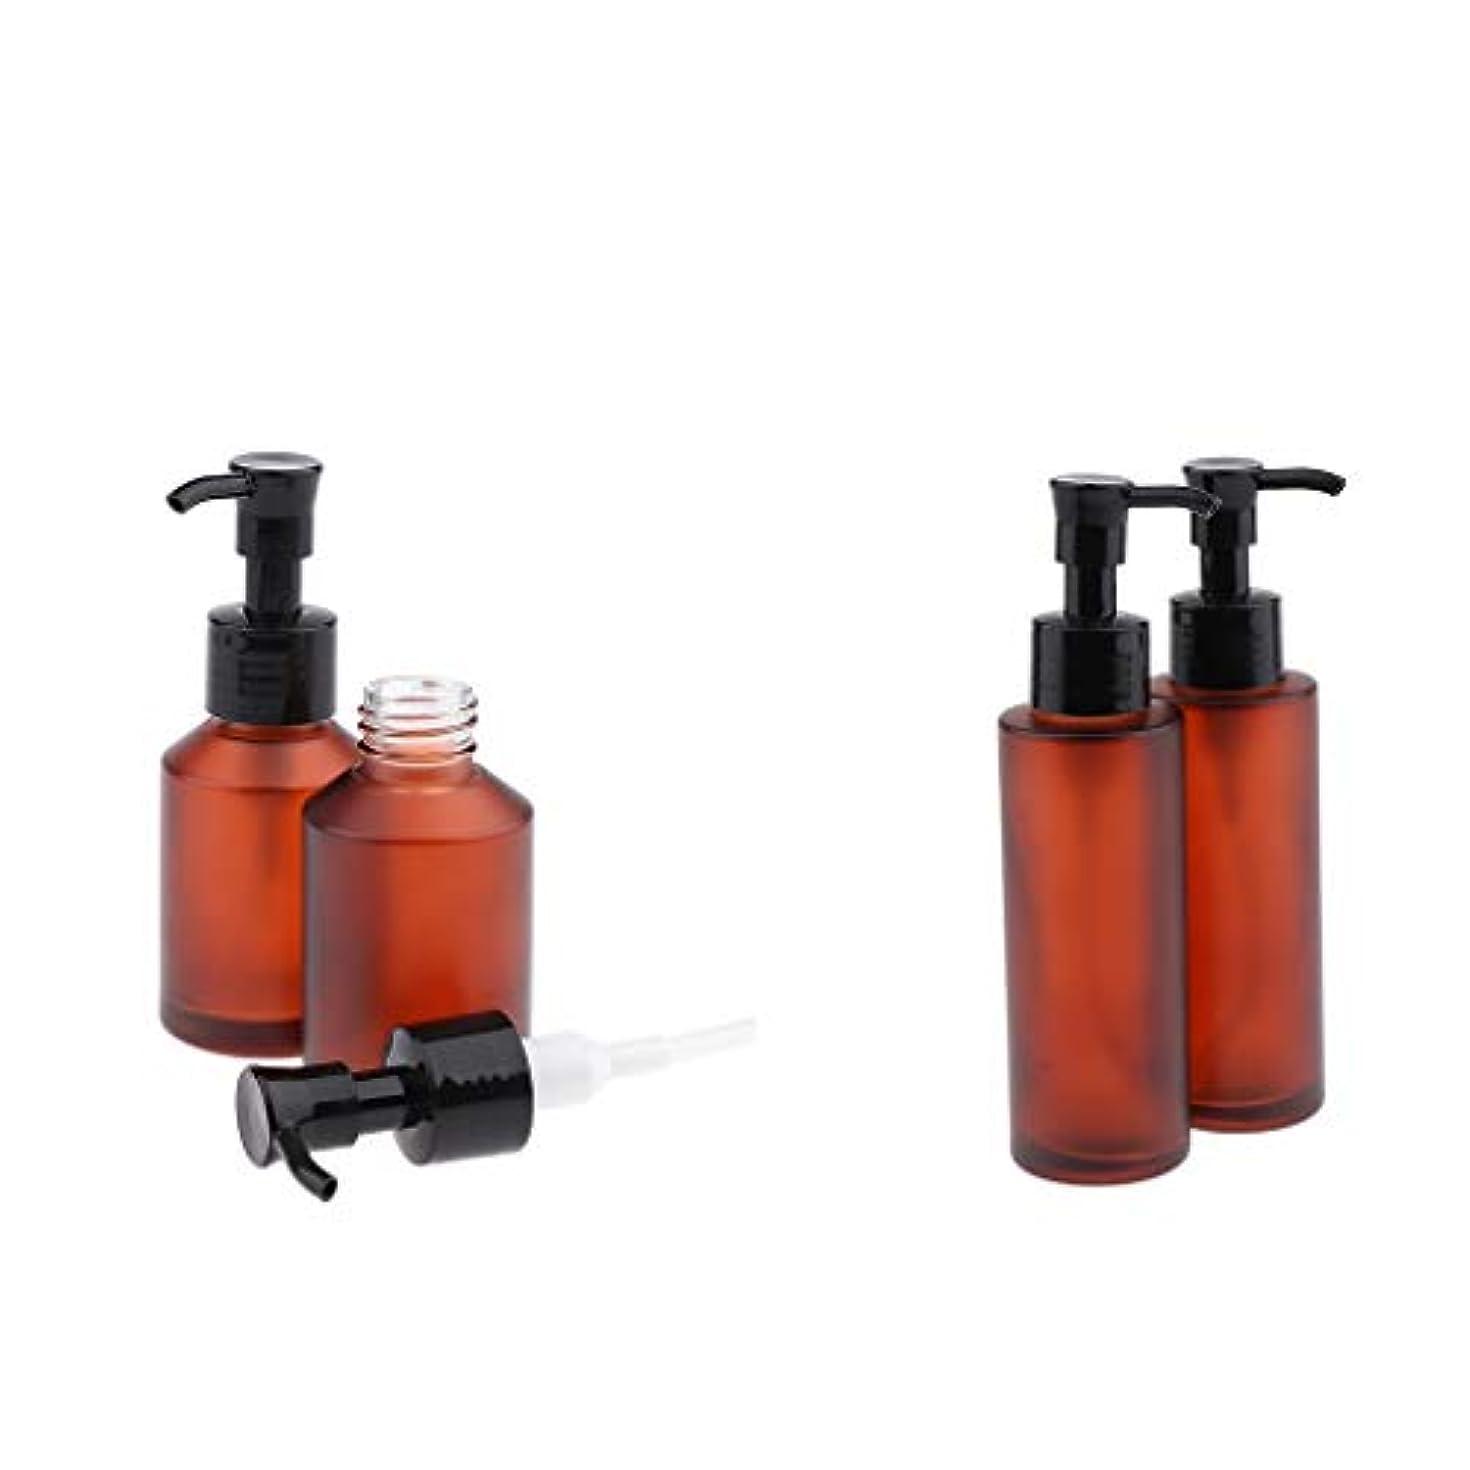 アクセル適度に仕える4個 空 ガラス ポンプボトル 詰め替え式 化粧品ボトル ローションボトル 100/60ミリリットル